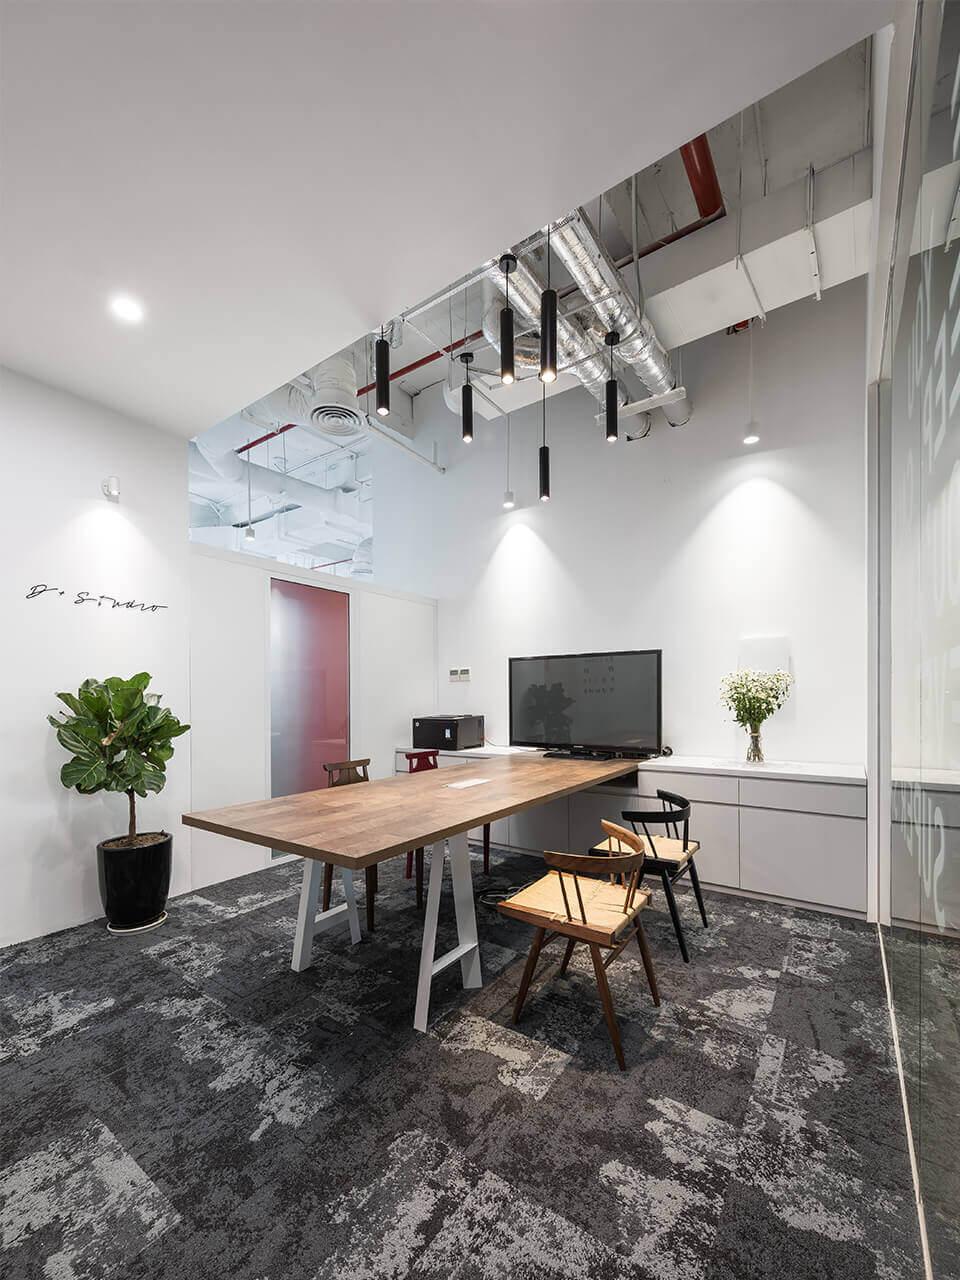 d+ studio công ty thiết kế văn phòng đẹp uy tín